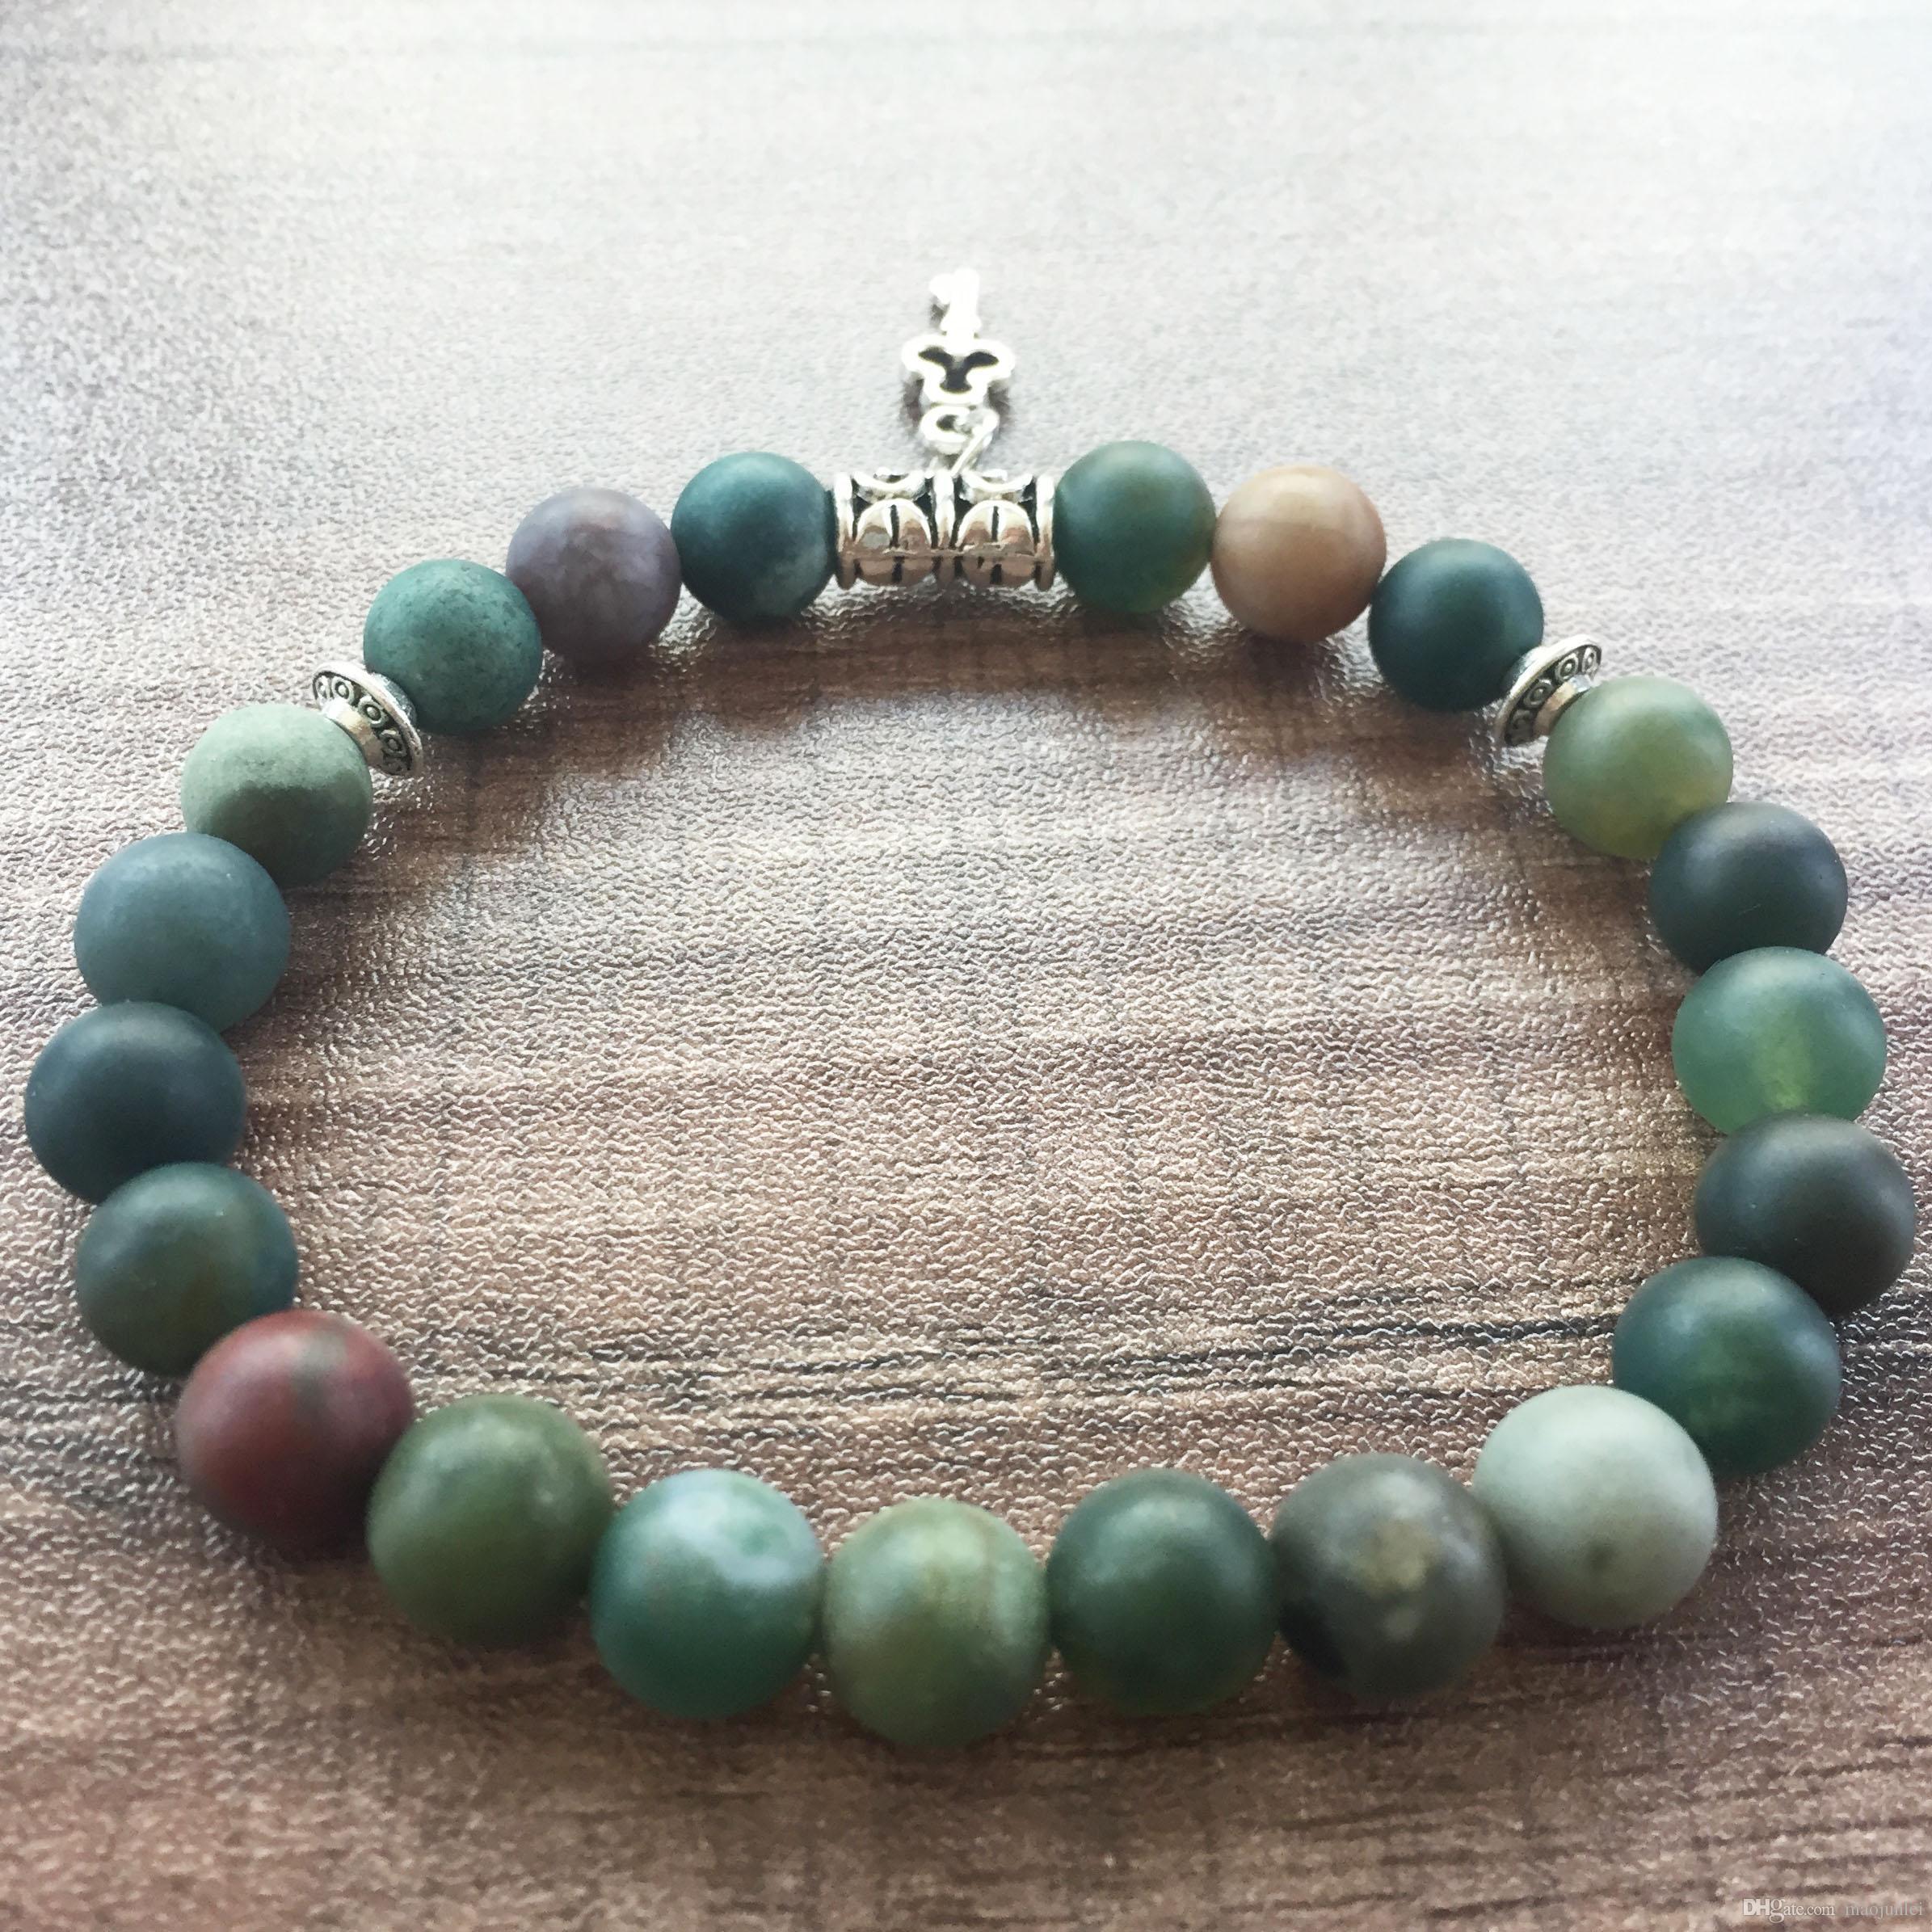 Rodada Bead Bracelet 8 MM Matte India Agate Pulseira Pedra Natural amor Chave pingente de Yoga Mala Contas Pulseiras Pulseiras de Oração